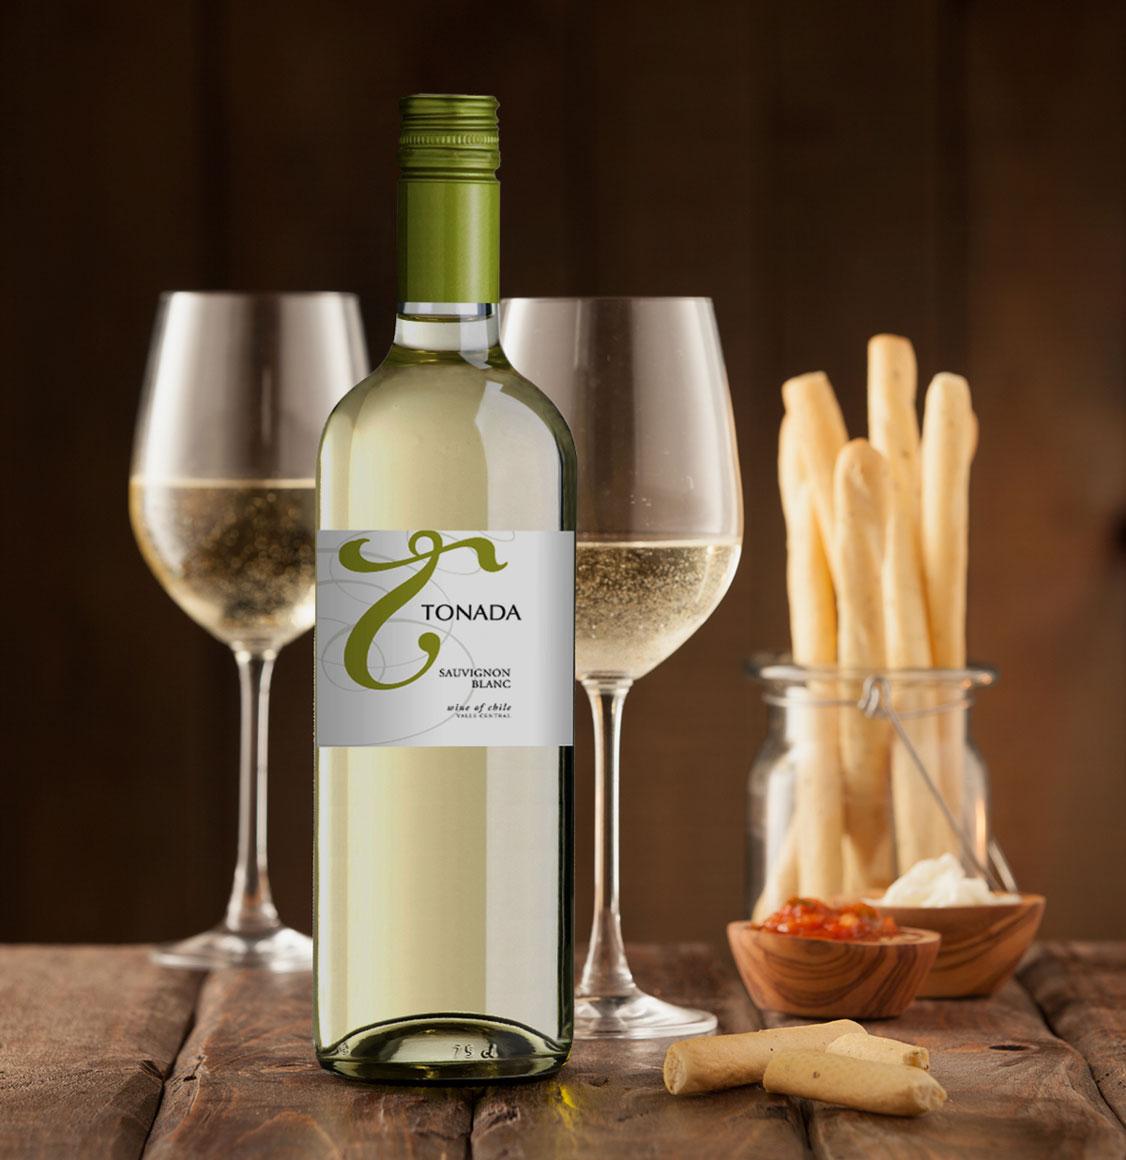 Viña Luis Felipe Edwards Tonada Sauvignon Blanc Οίνος Λευκός Ξηρός 2019 750ml